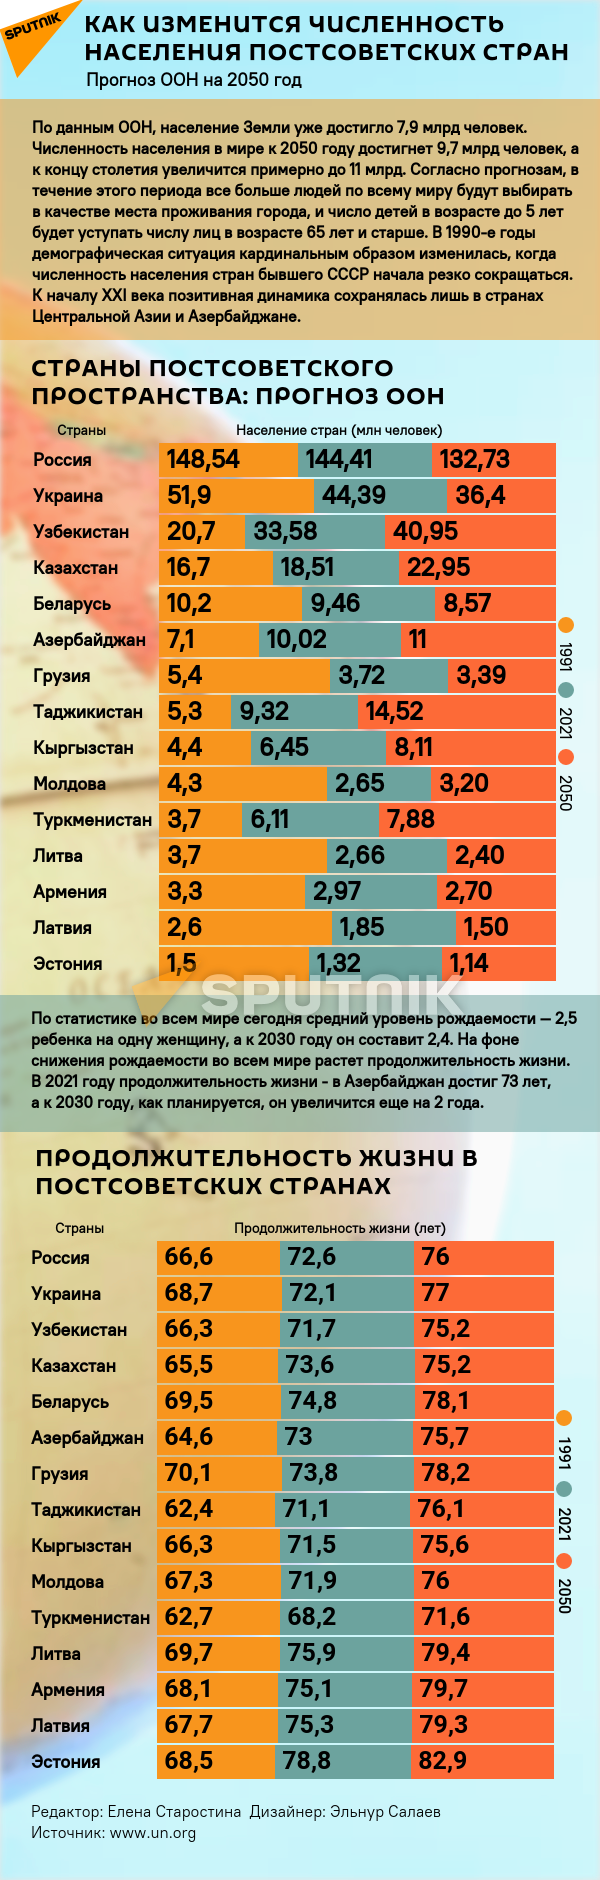 Инфографика: Как изменится численность населения постсоветских стран - Sputnik Азербайджан, 1920, 13.09.2021